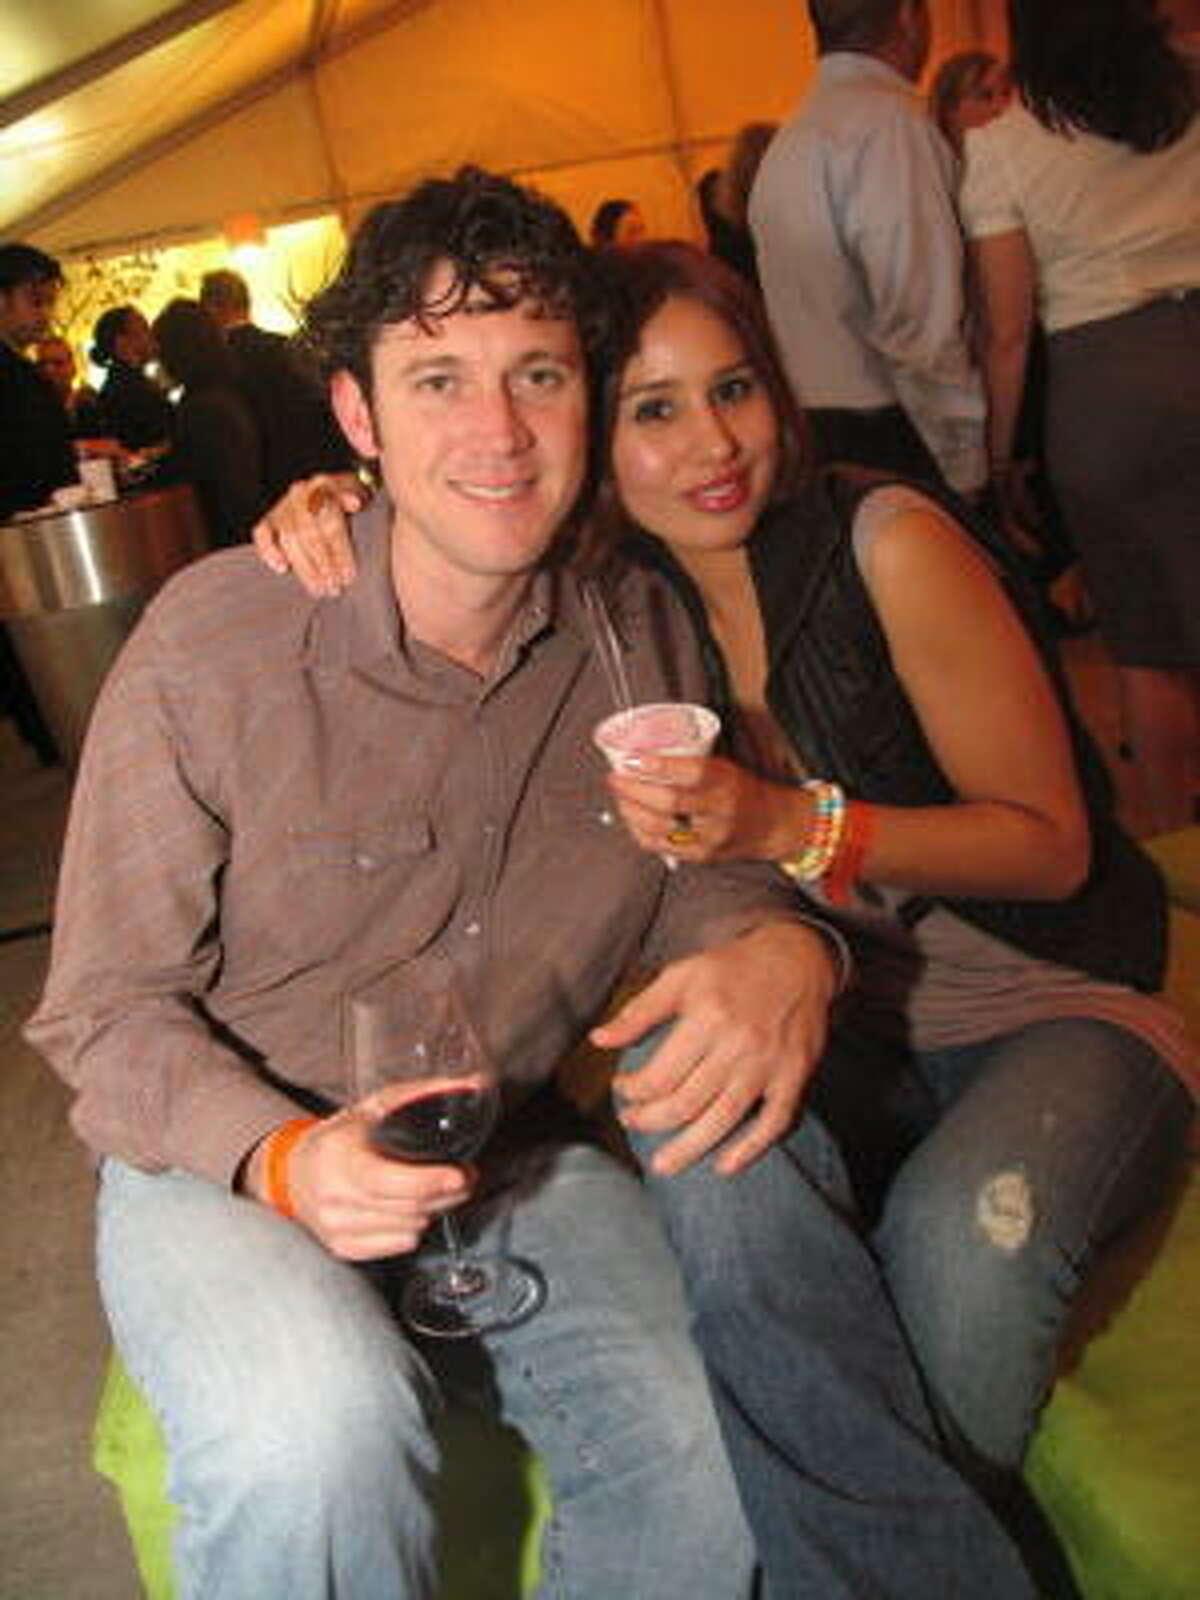 Brooks Bassler, left, and Maricela Hernandez